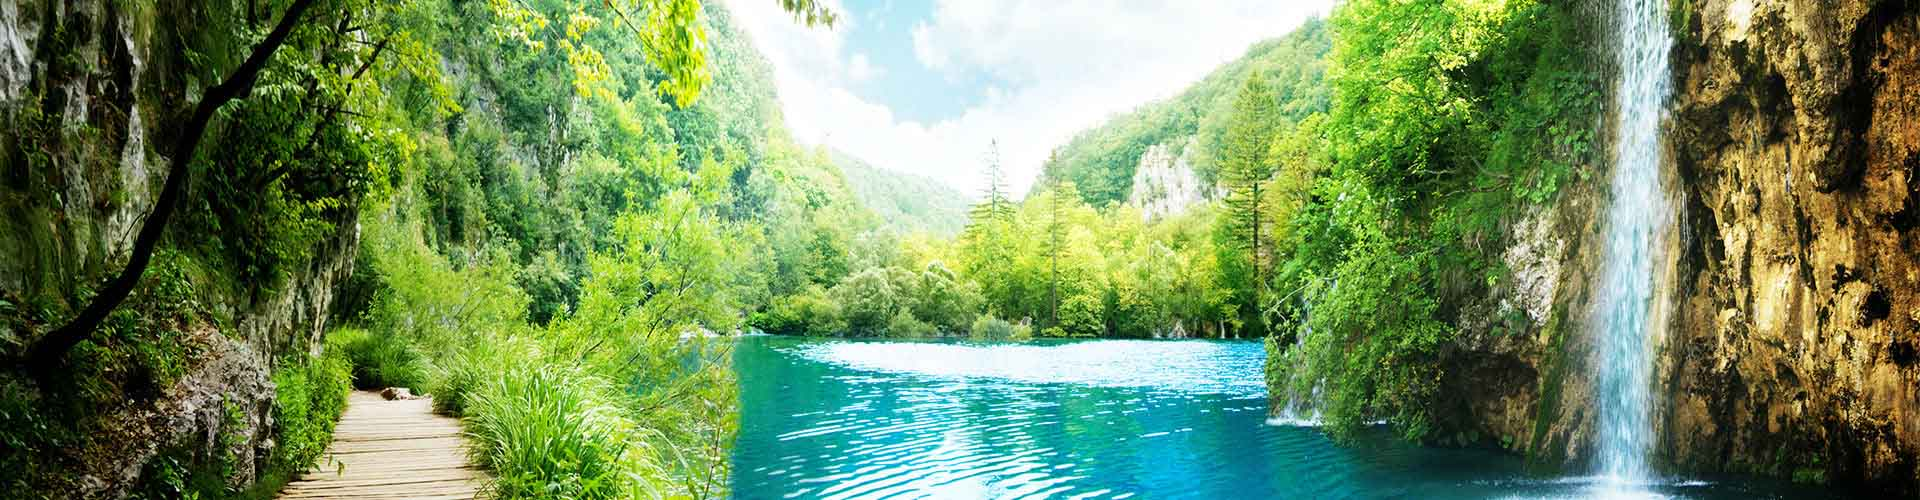 Plitvice Lakes - Appartments à Plitvice Lakes. Cartes pour Plitvice Lakes, photos et commentaires pour chaque appartement à Plitvice Lakes.